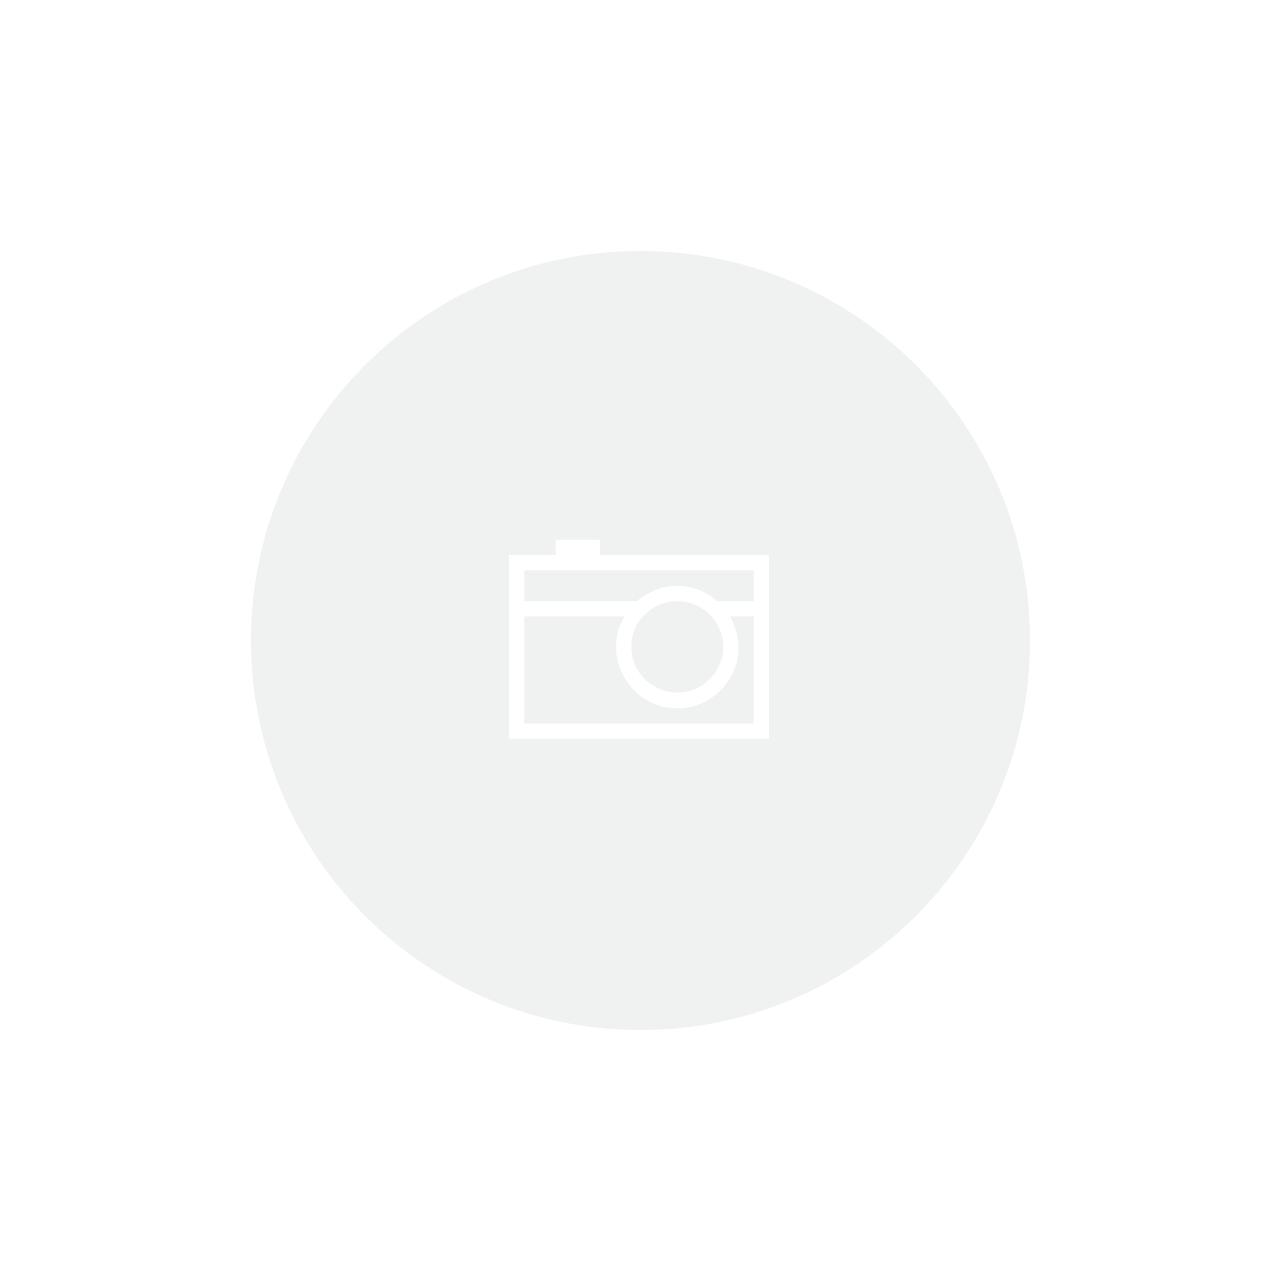 soprador-kyklon-revolution-lamina-10-oster